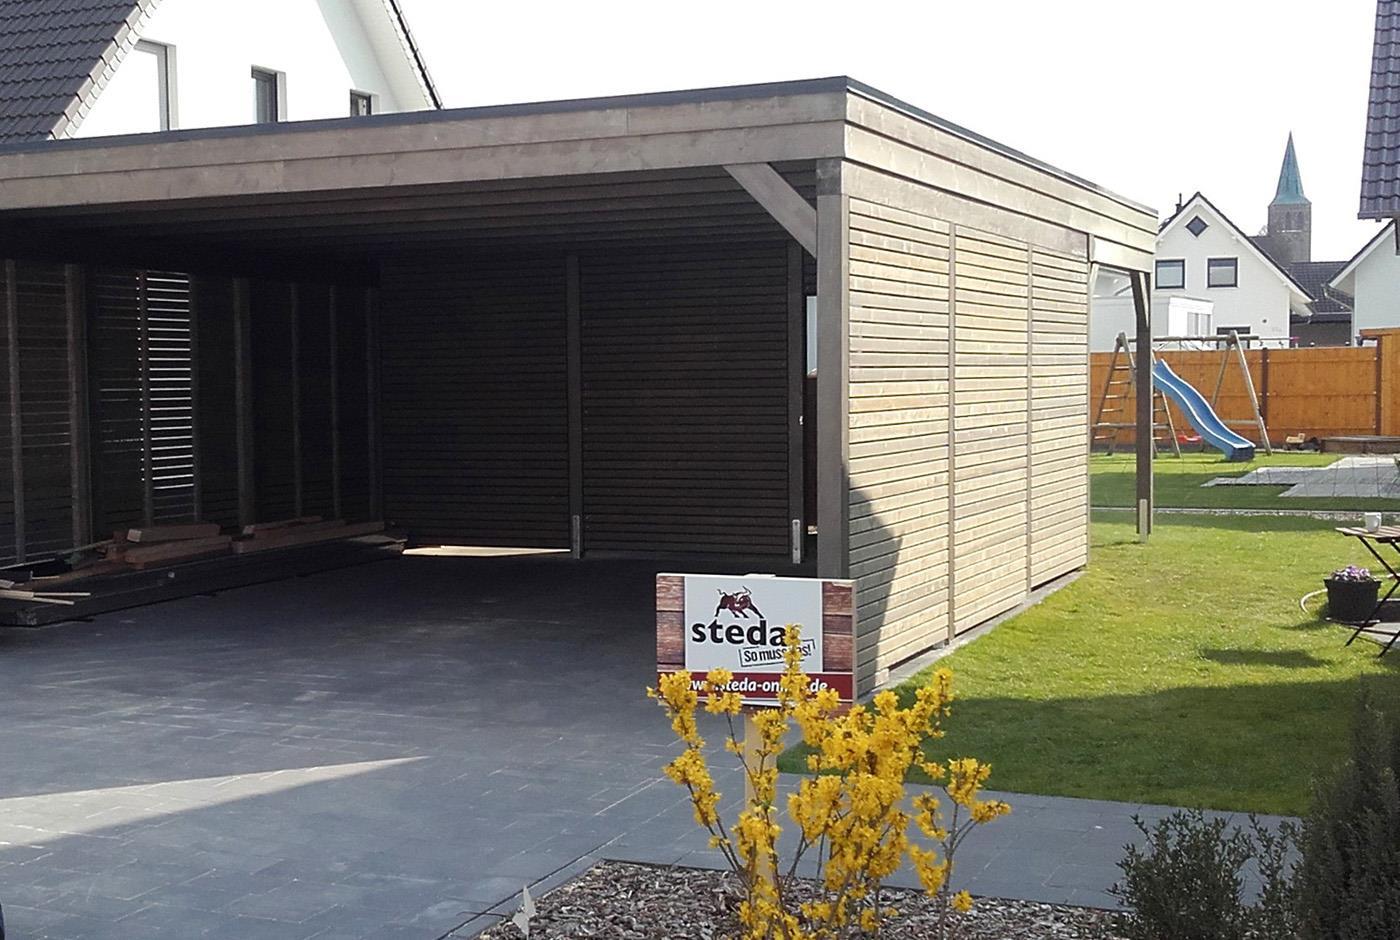 carport mit rhombusleisten - die holzfassade ist entscheidend - so